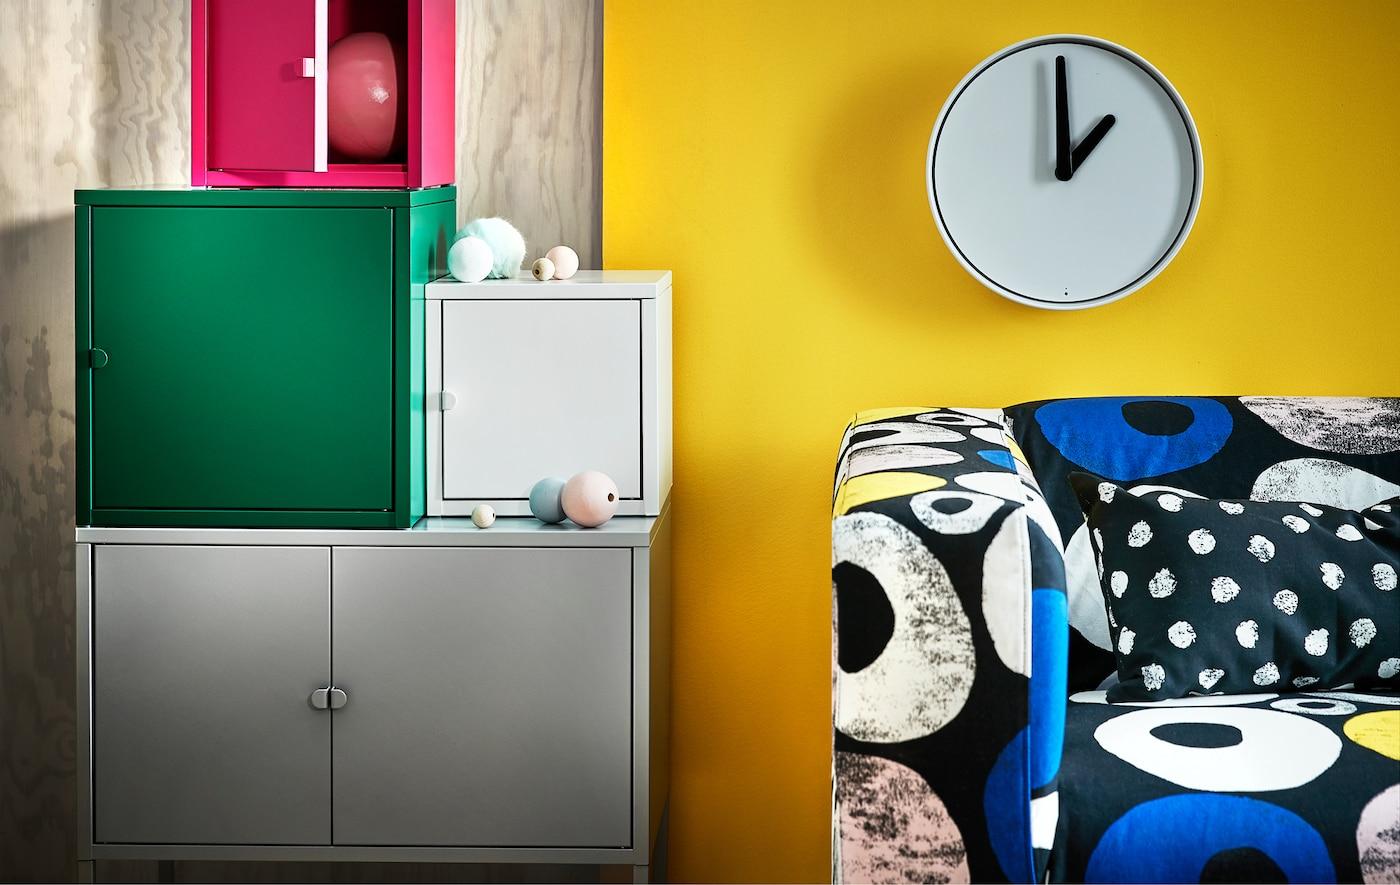 Gli interni a colori vivaci sono il trend di questa primavera. Scopri come abbinare i mobili LIXHULT o utilizzare la nuova fodera multi colore KLIPPAN per restare al passo con questa tendenza - IKEA